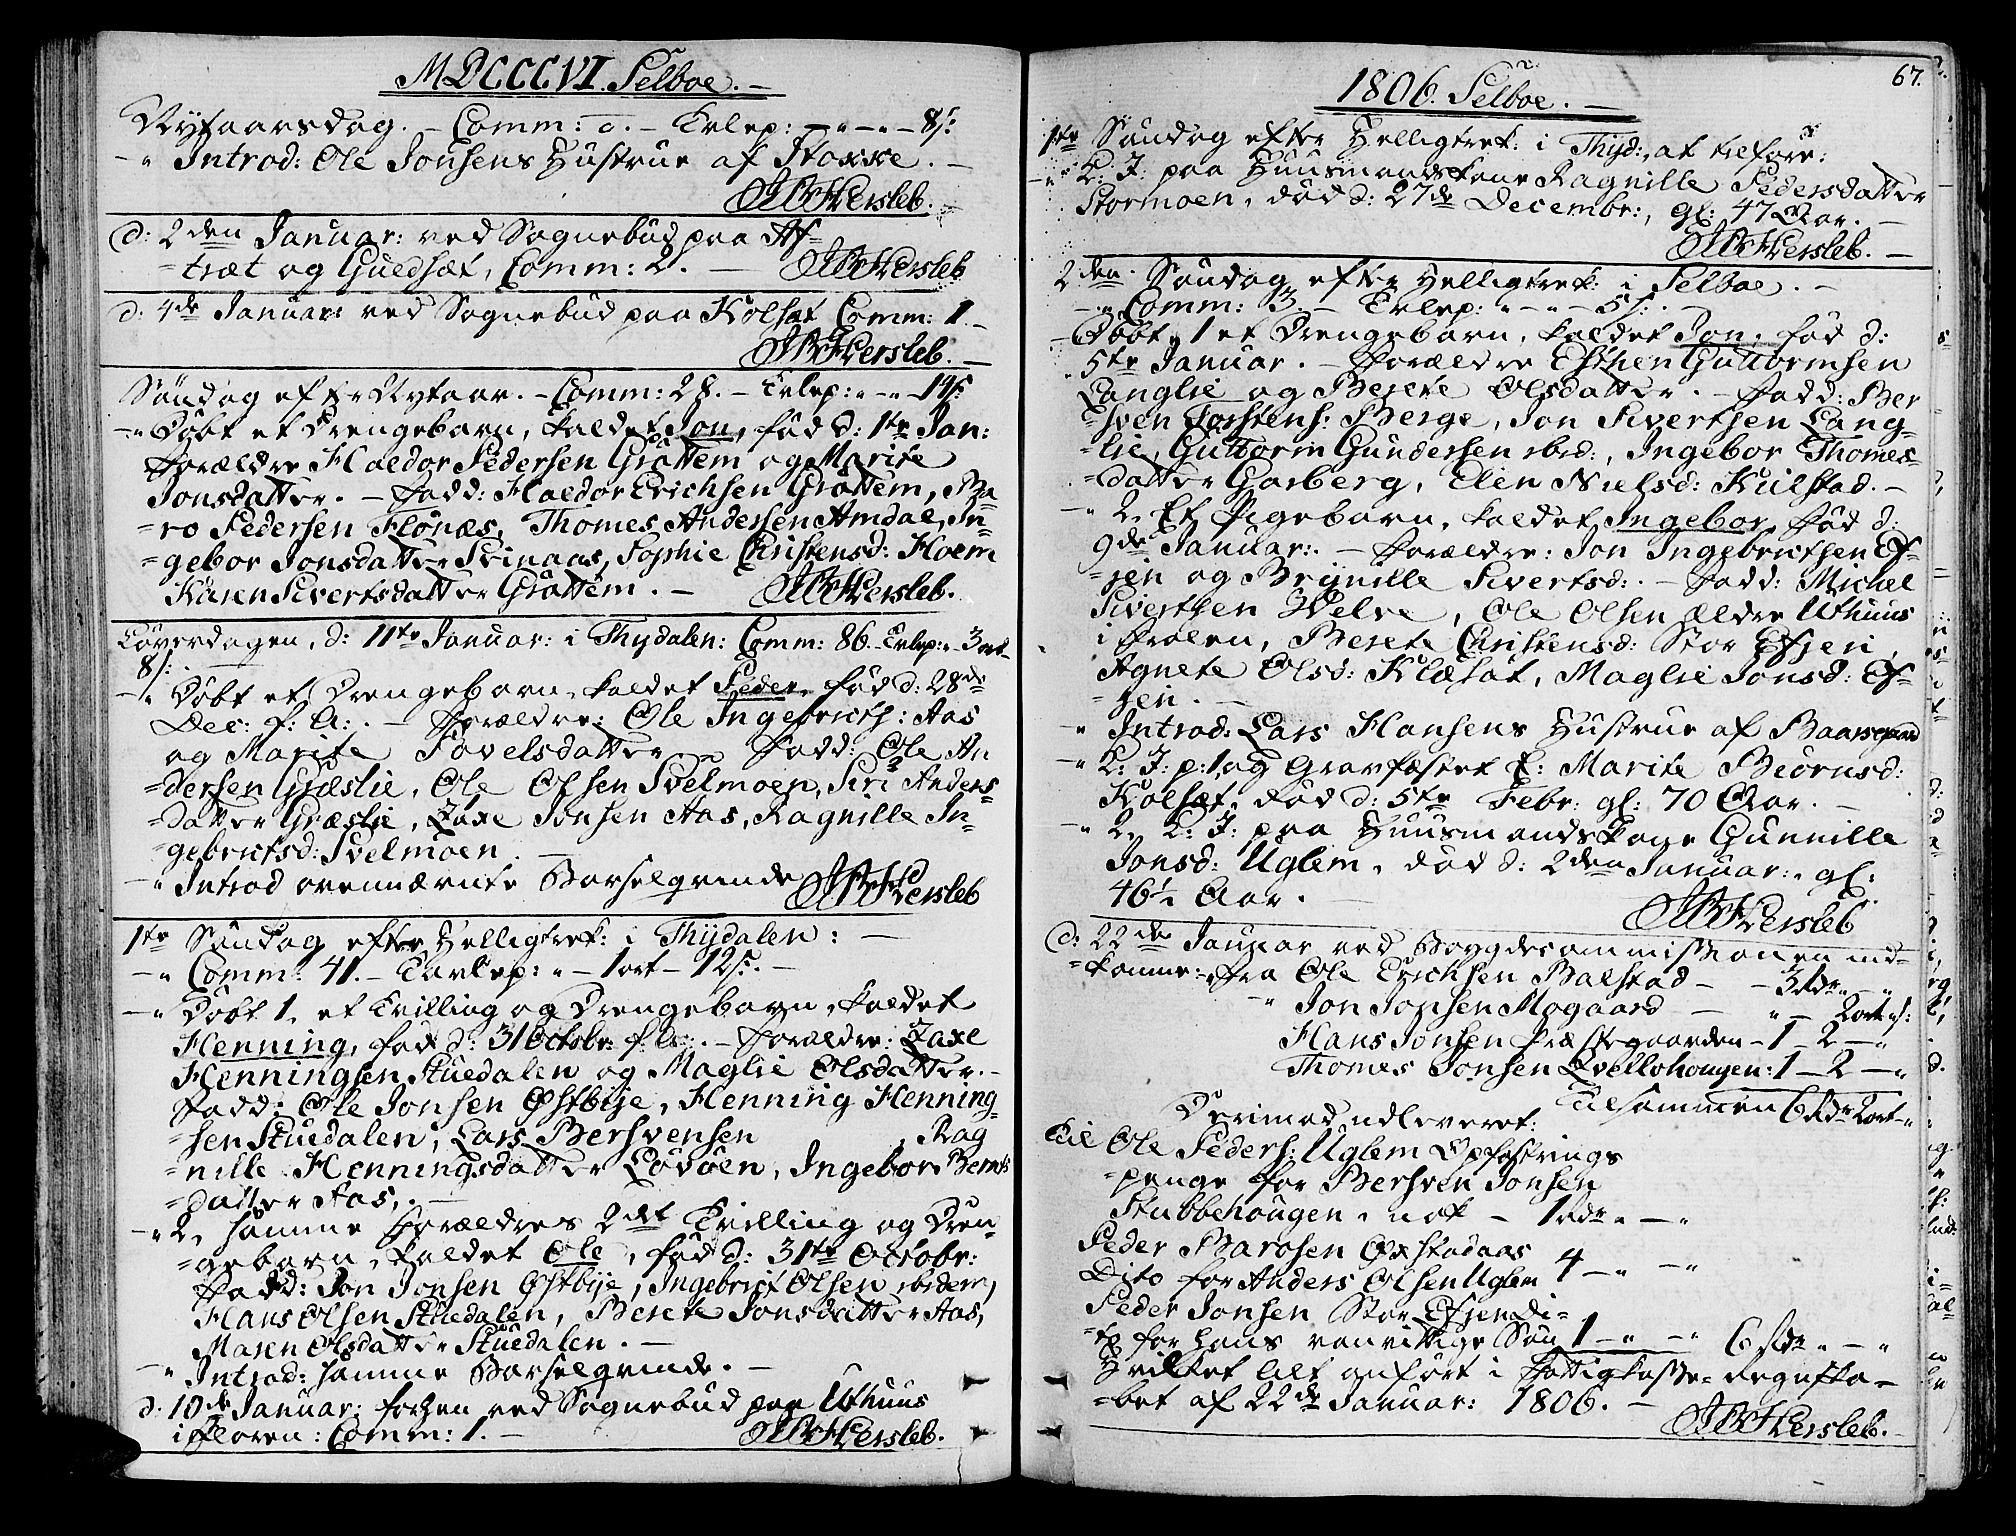 SAT, Ministerialprotokoller, klokkerbøker og fødselsregistre - Sør-Trøndelag, 695/L1140: Ministerialbok nr. 695A03, 1801-1815, s. 67